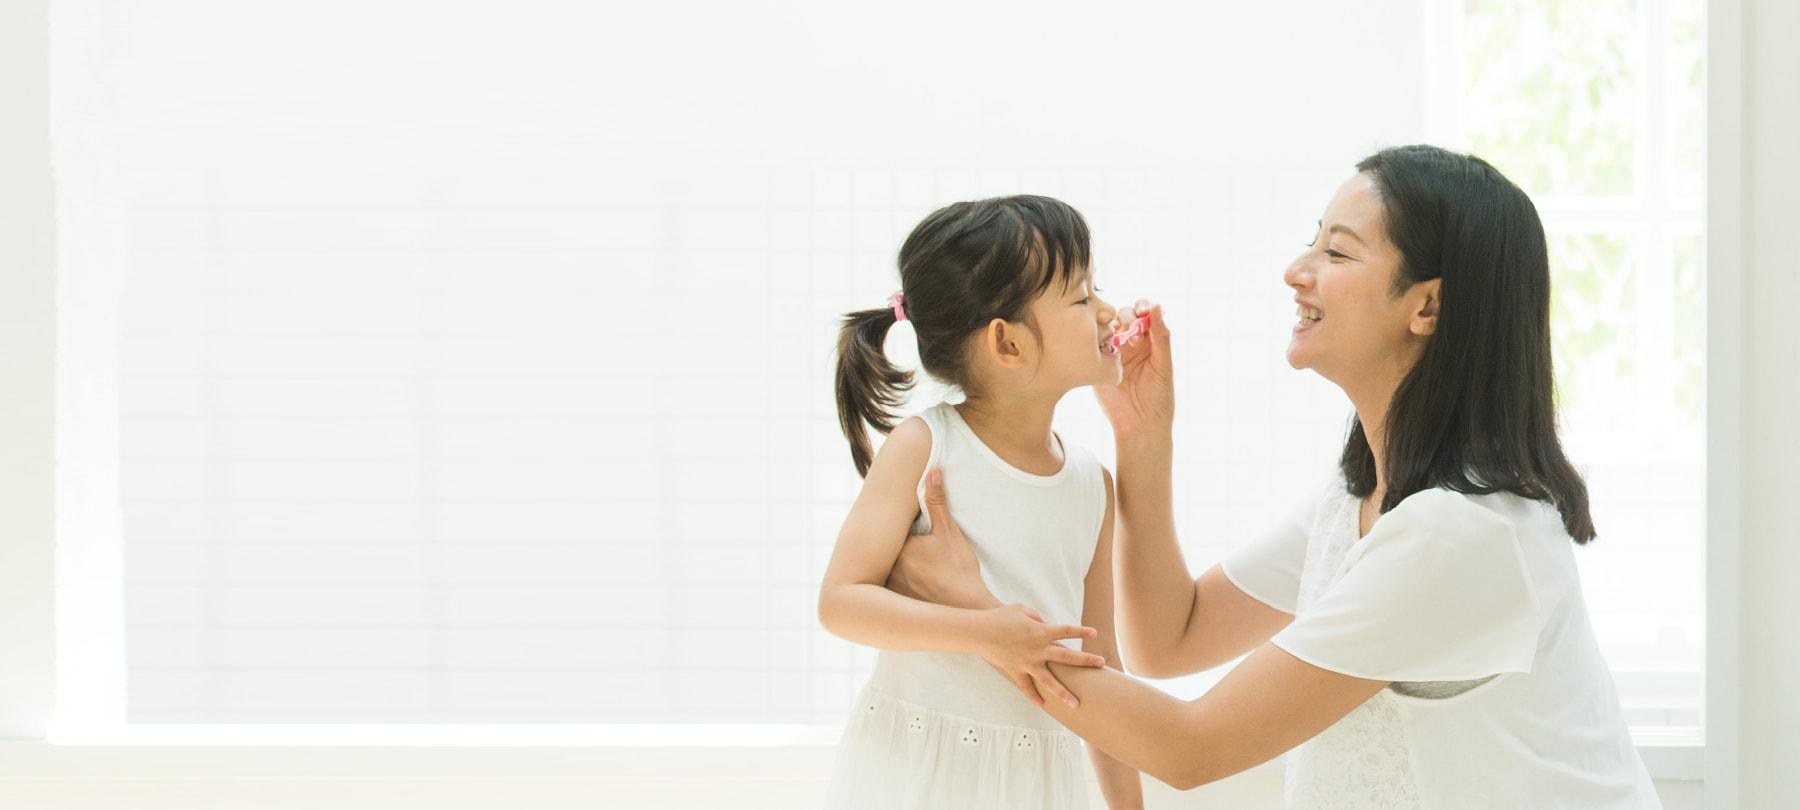 あなたの「歯」を 未来を守る備えとして 保管しませんか?